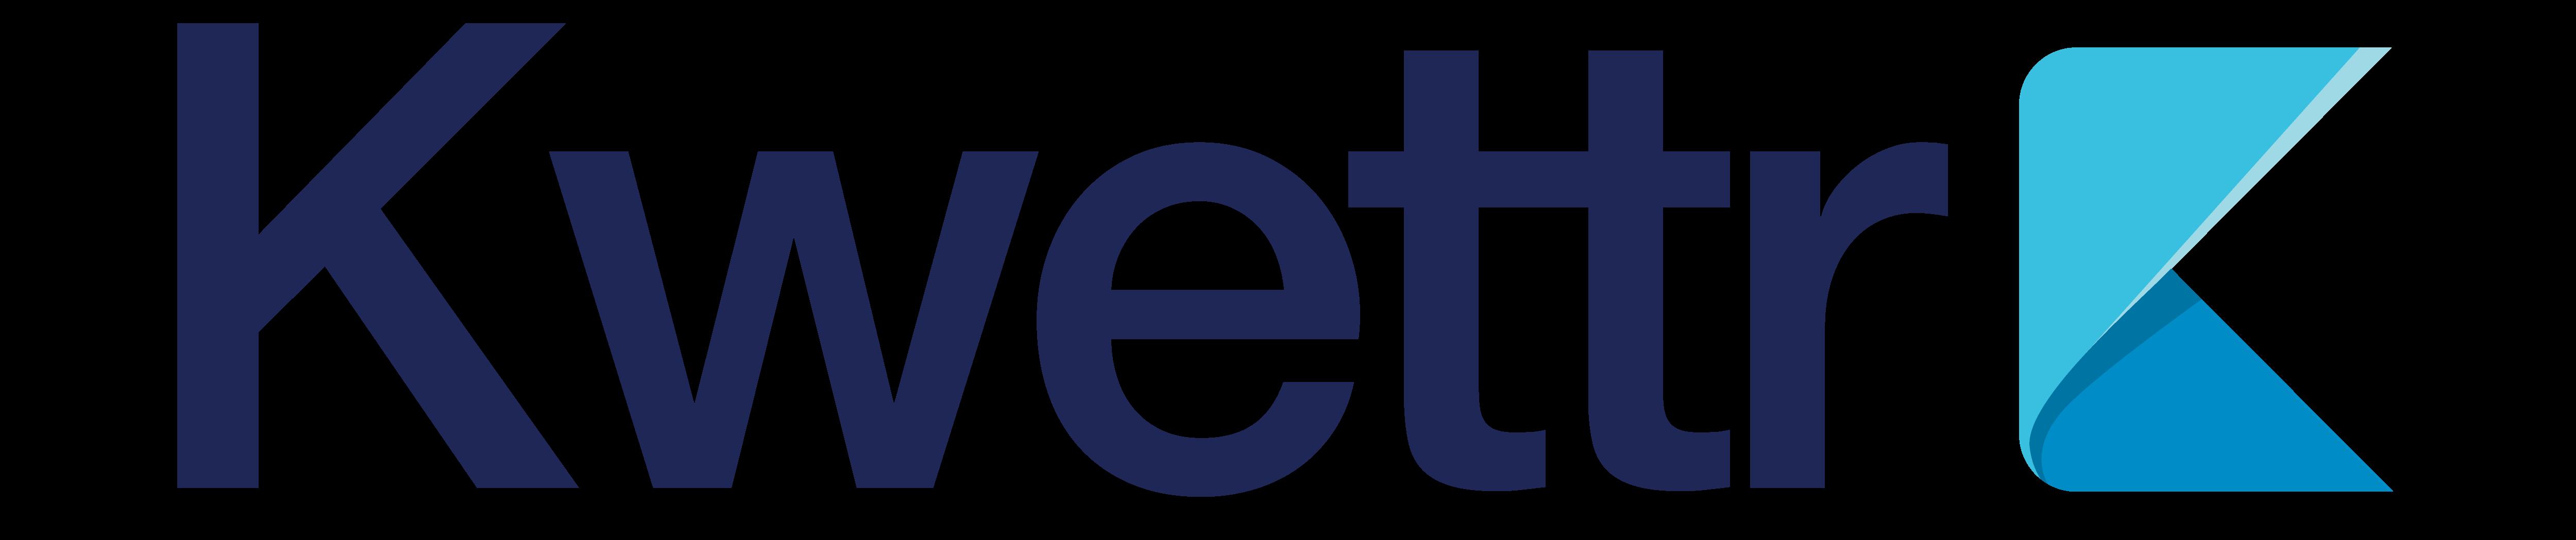 Kwettr logo